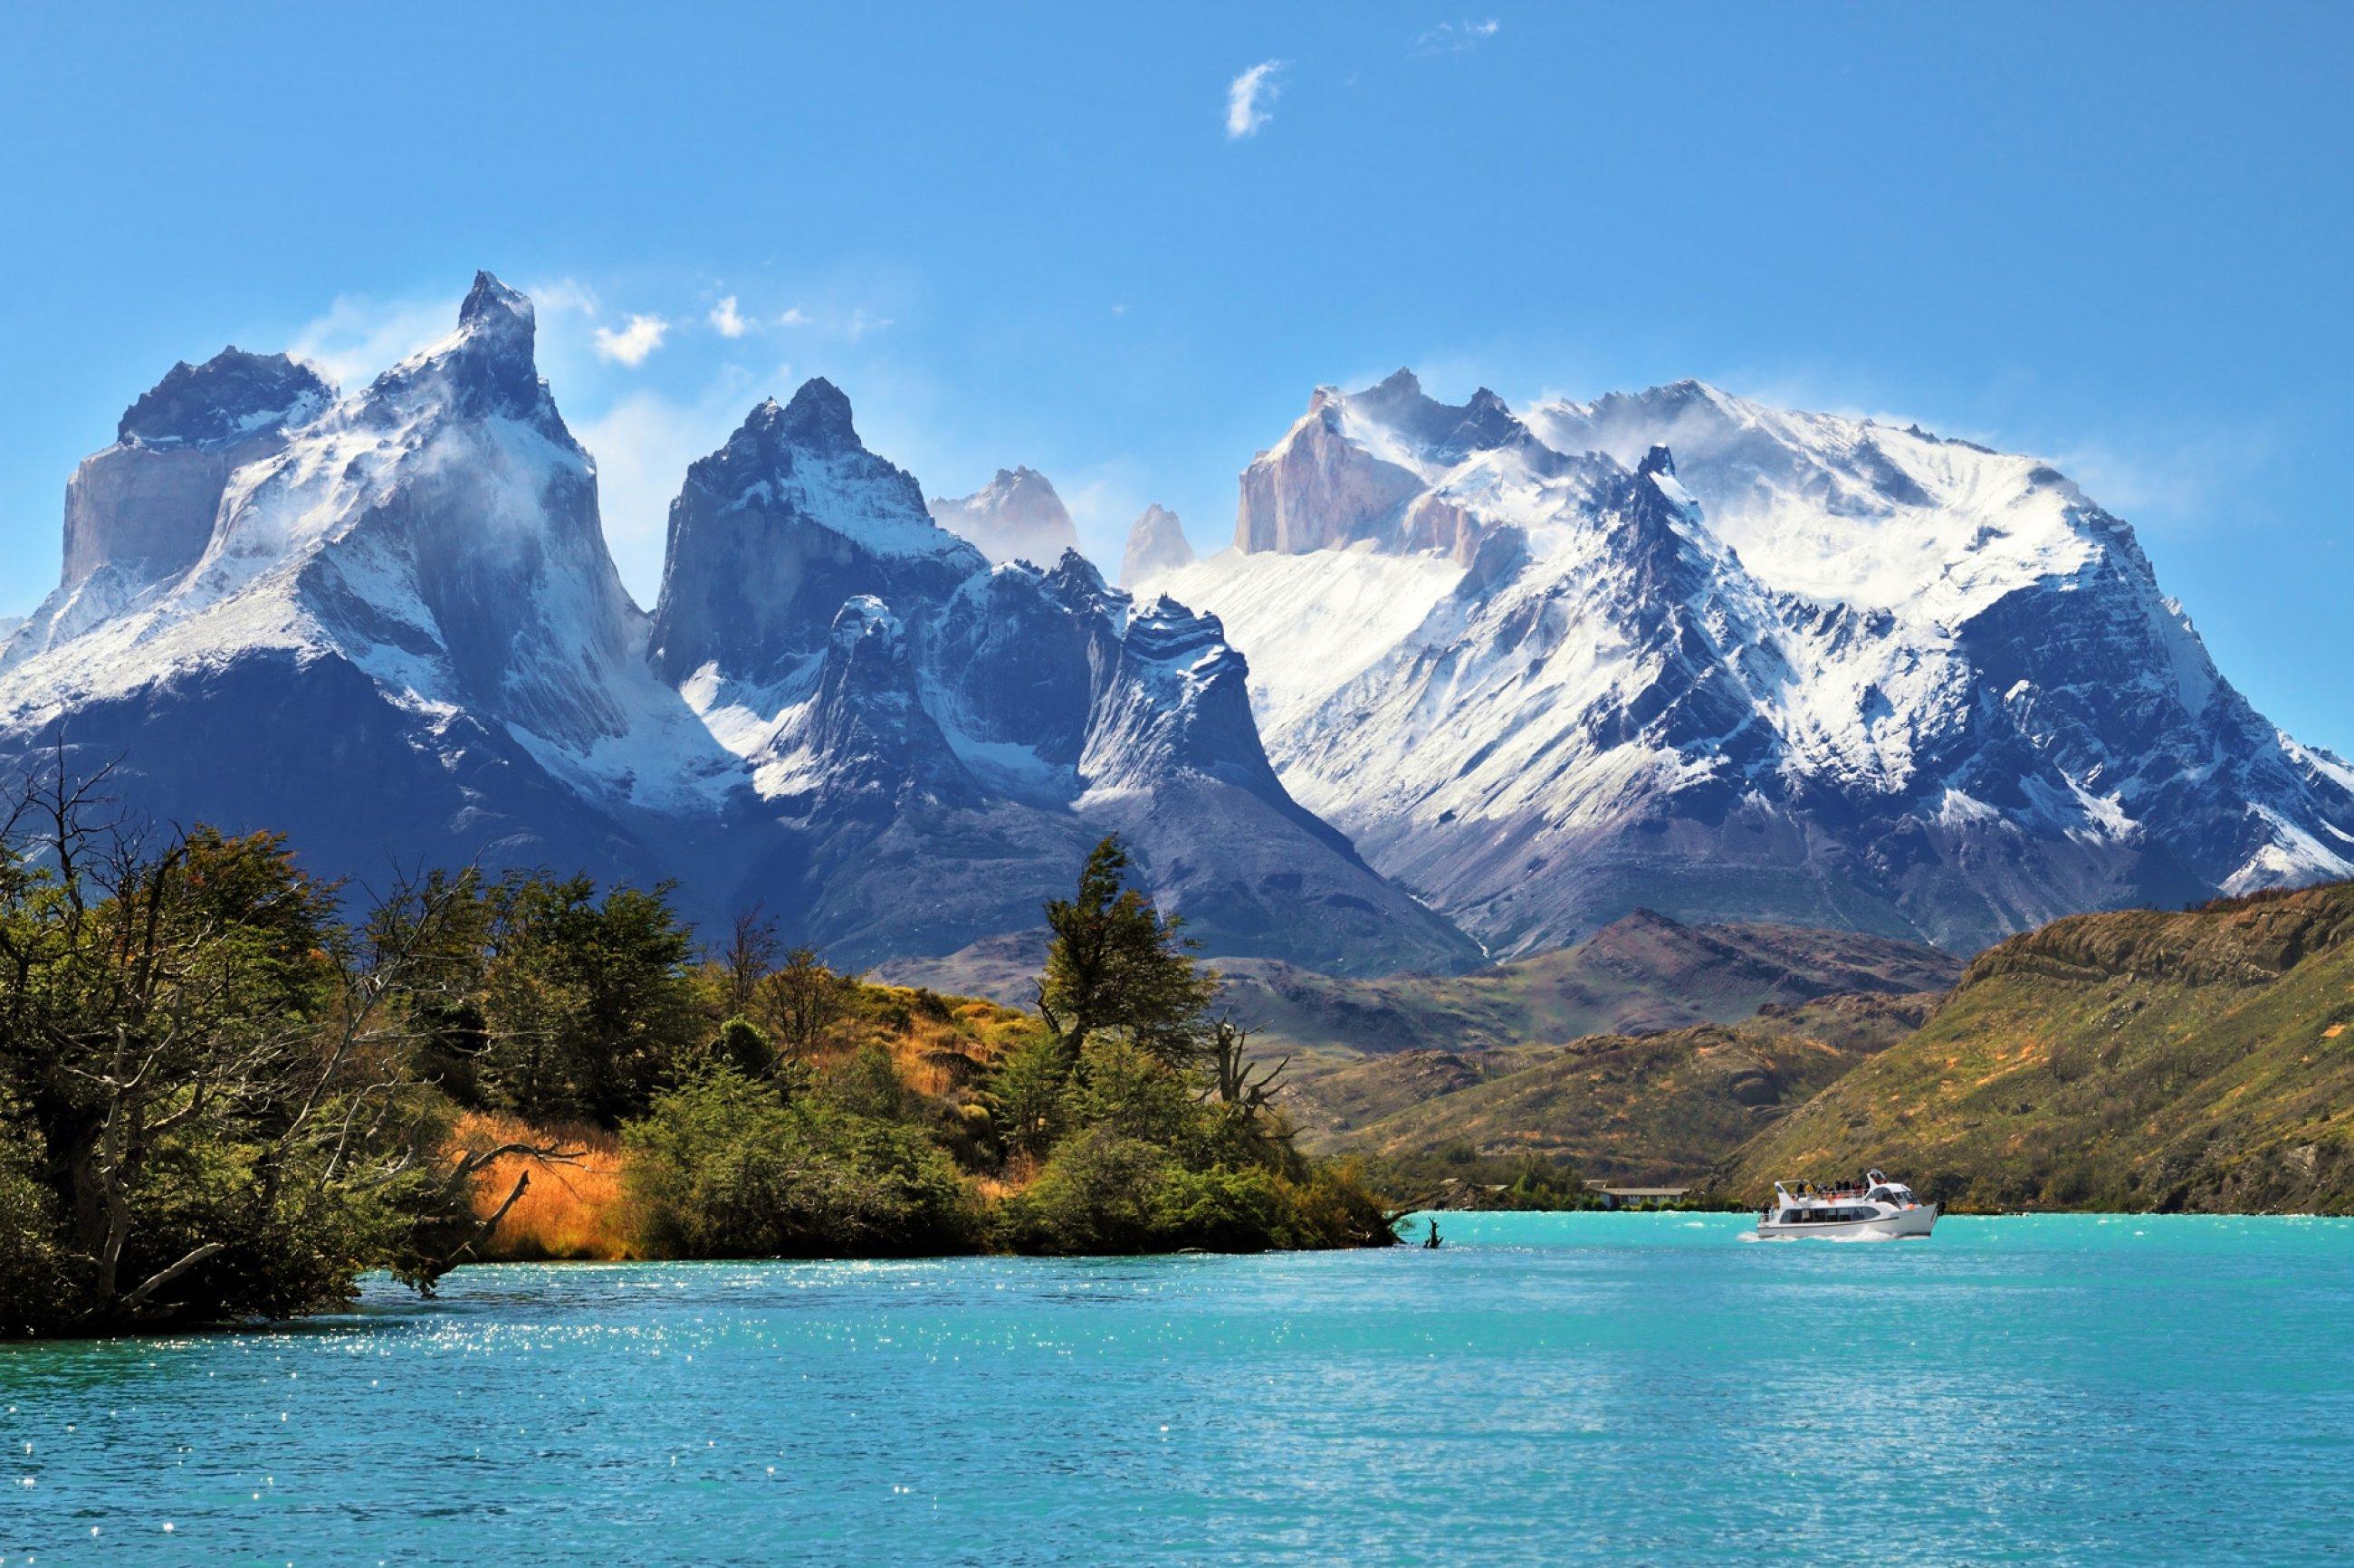 https://bubo.sk/uploads/galleries/7343/patagonia-torres-dreamstime-xl-37444537.jpg